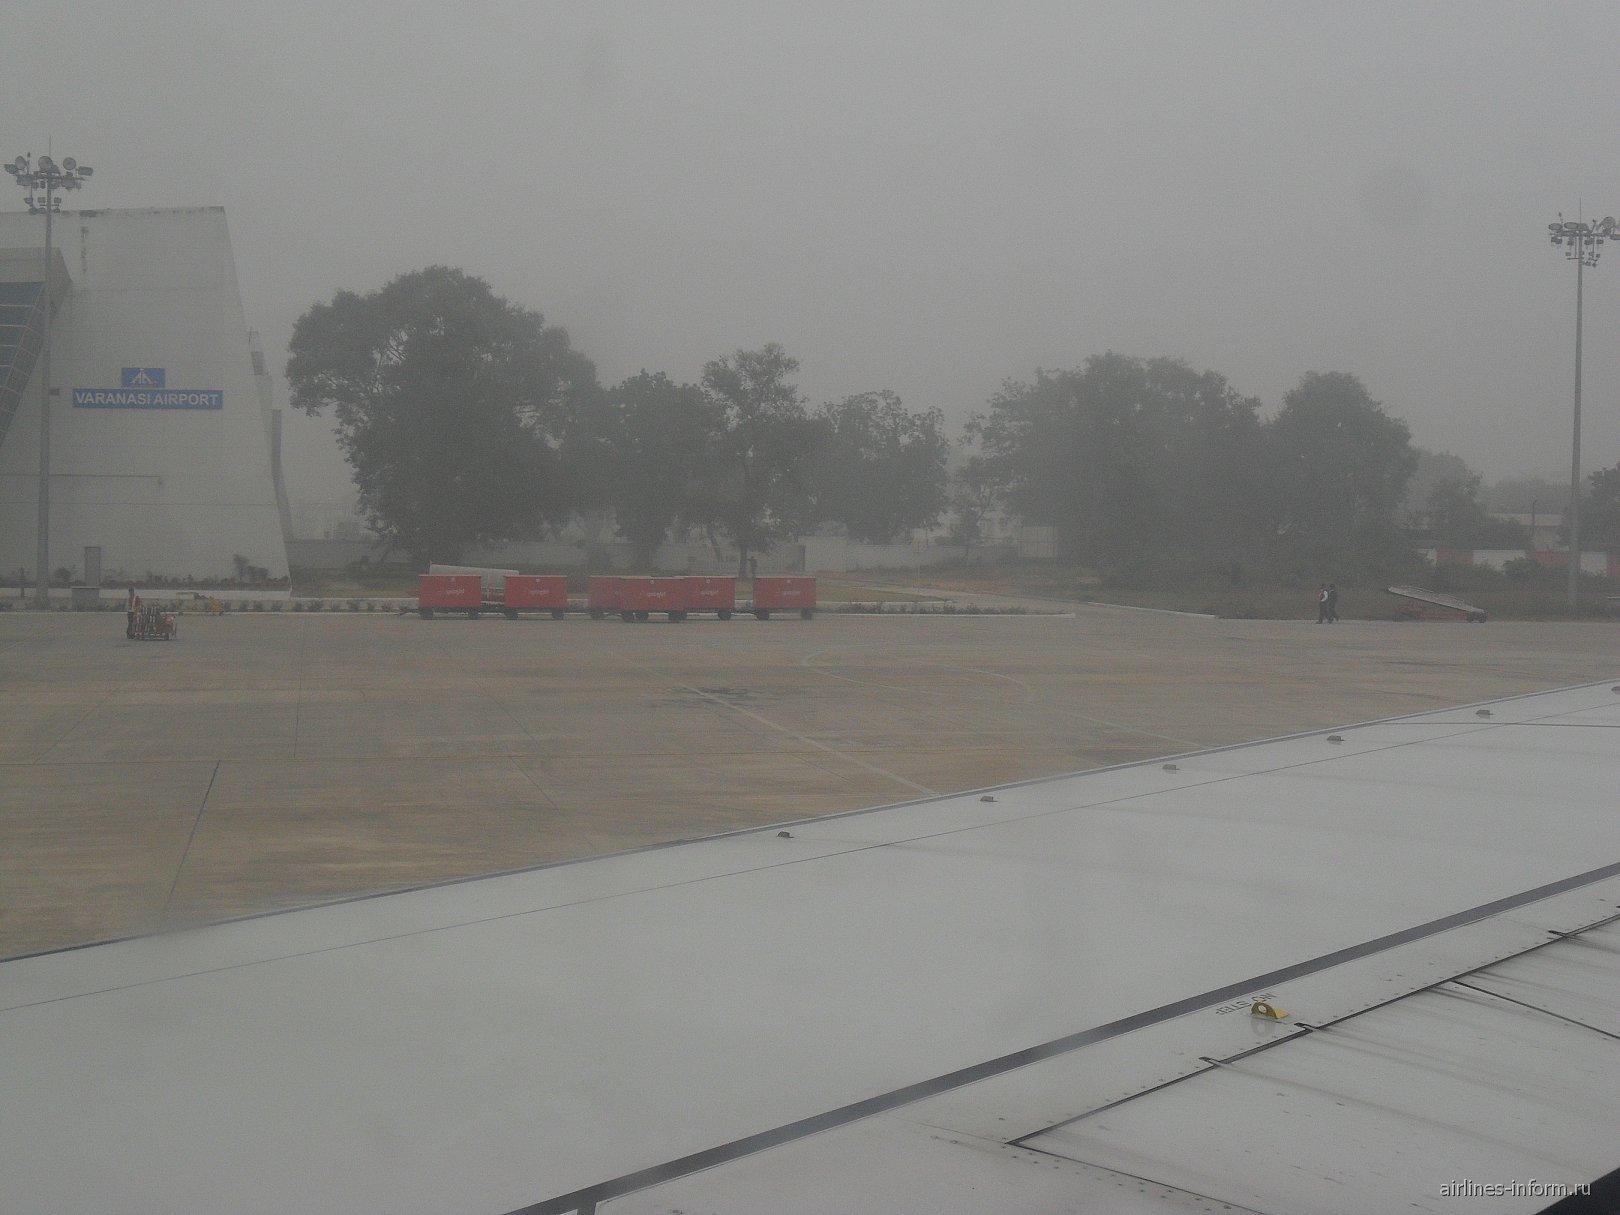 В аэропорту Варанаси